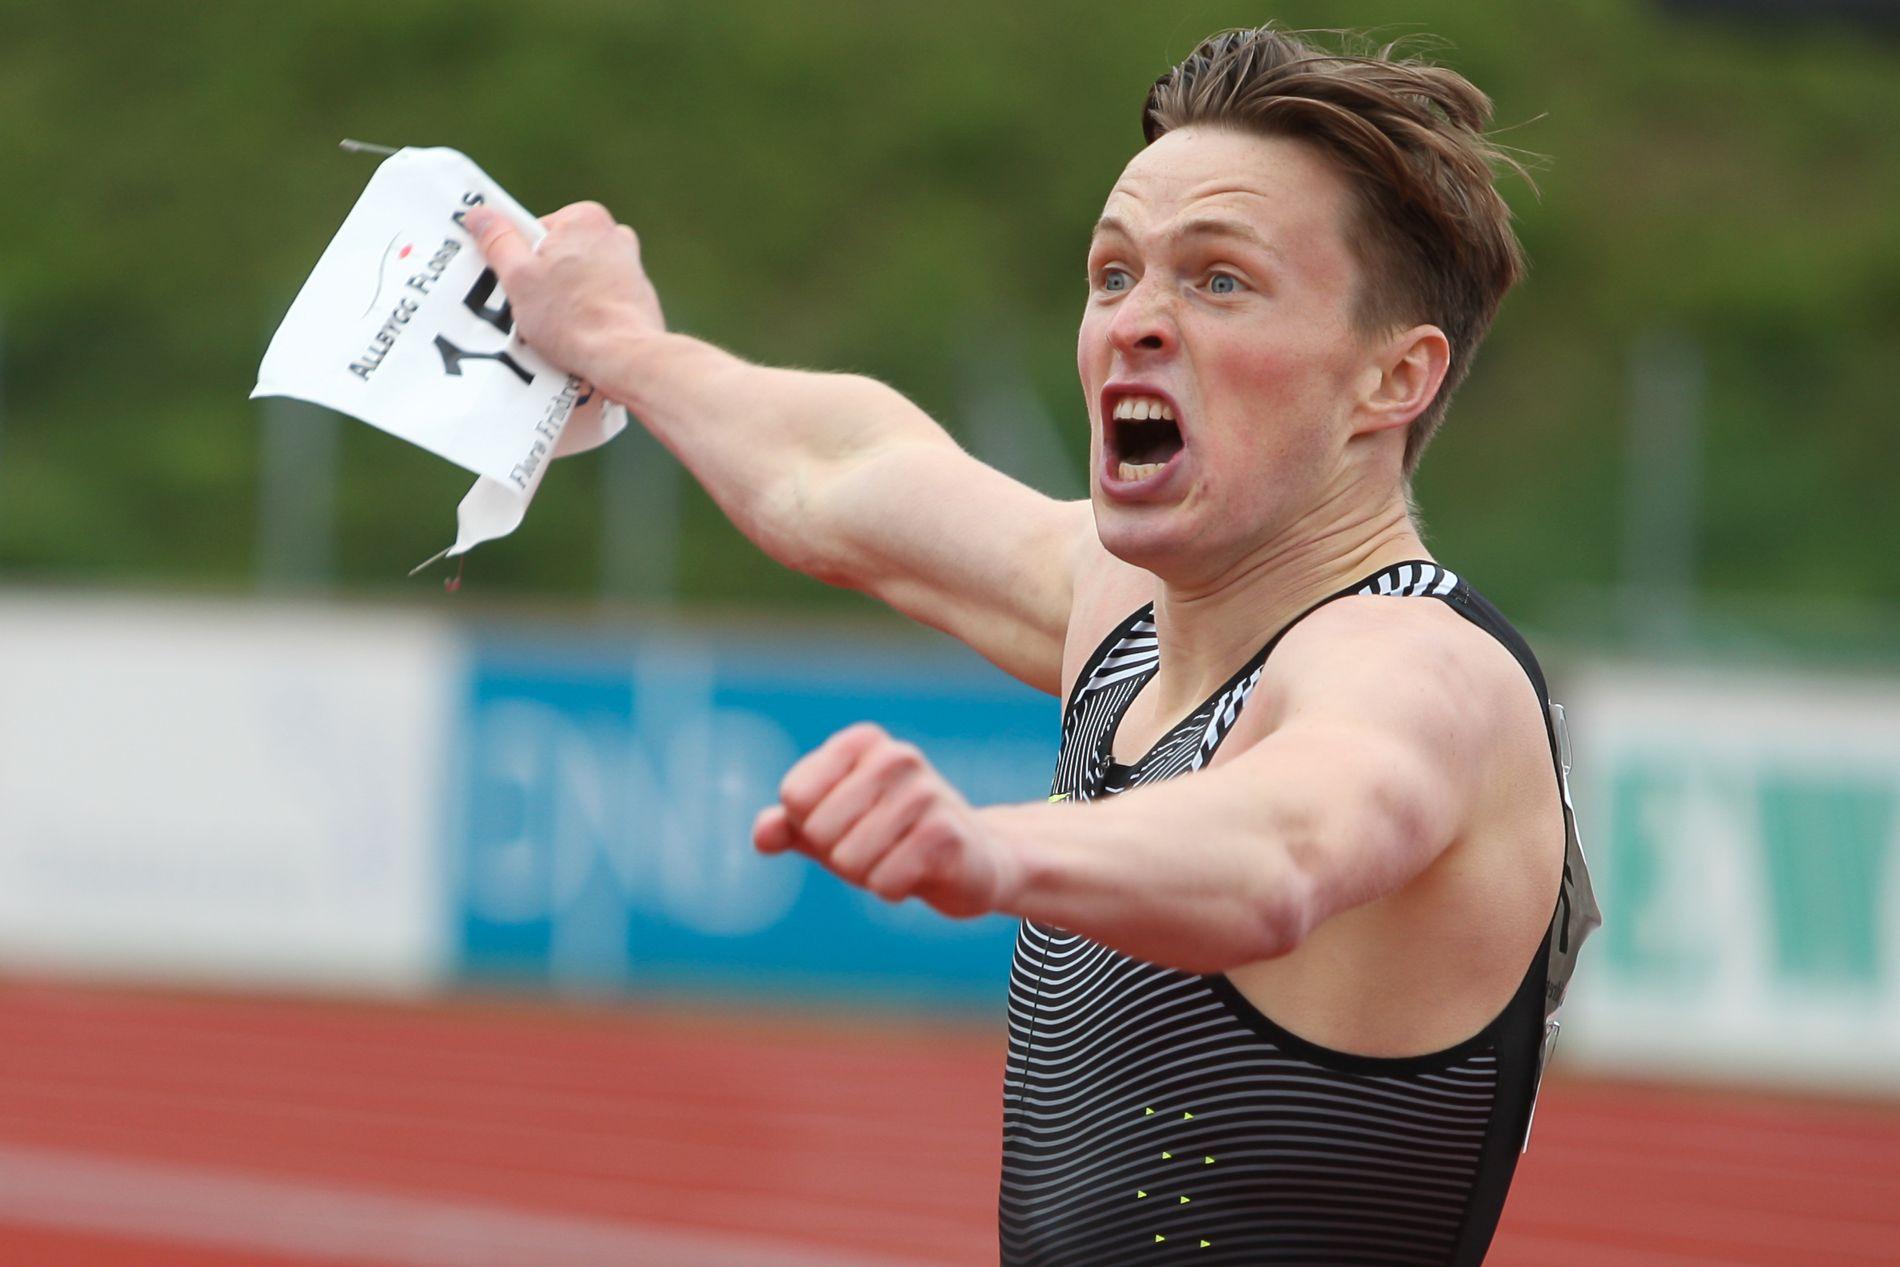 VISTE MUSKLER: Karsten Warholm startet sesongen med et smell i Florø lørdag.